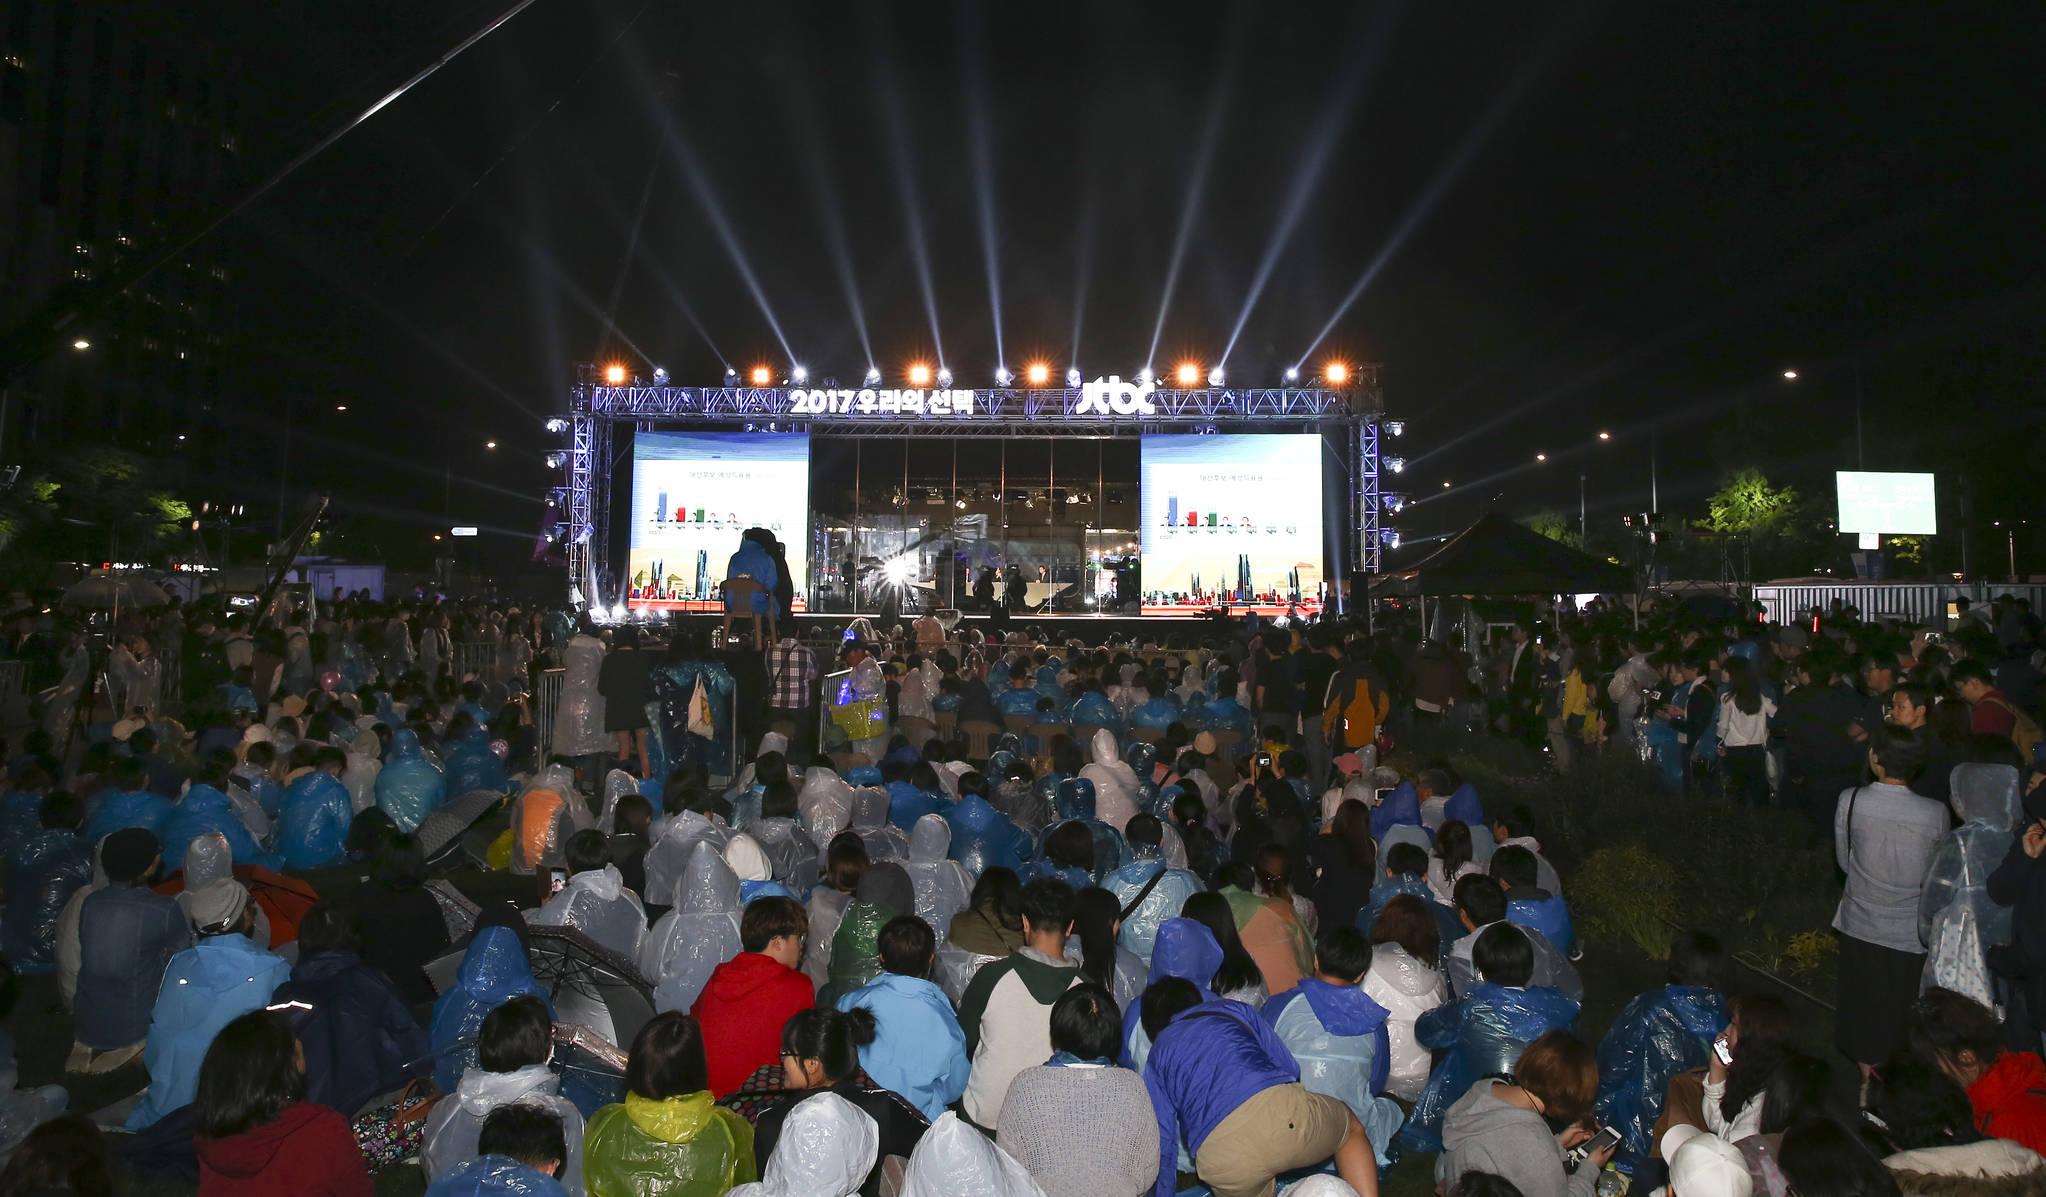 제19대 대통령선거일인 9일 오후 서울 광화문광장 JTBC 개표방송부스 앞에서 많은 시민들이 개표방송을 지켜보고 있다. 임현동 기자